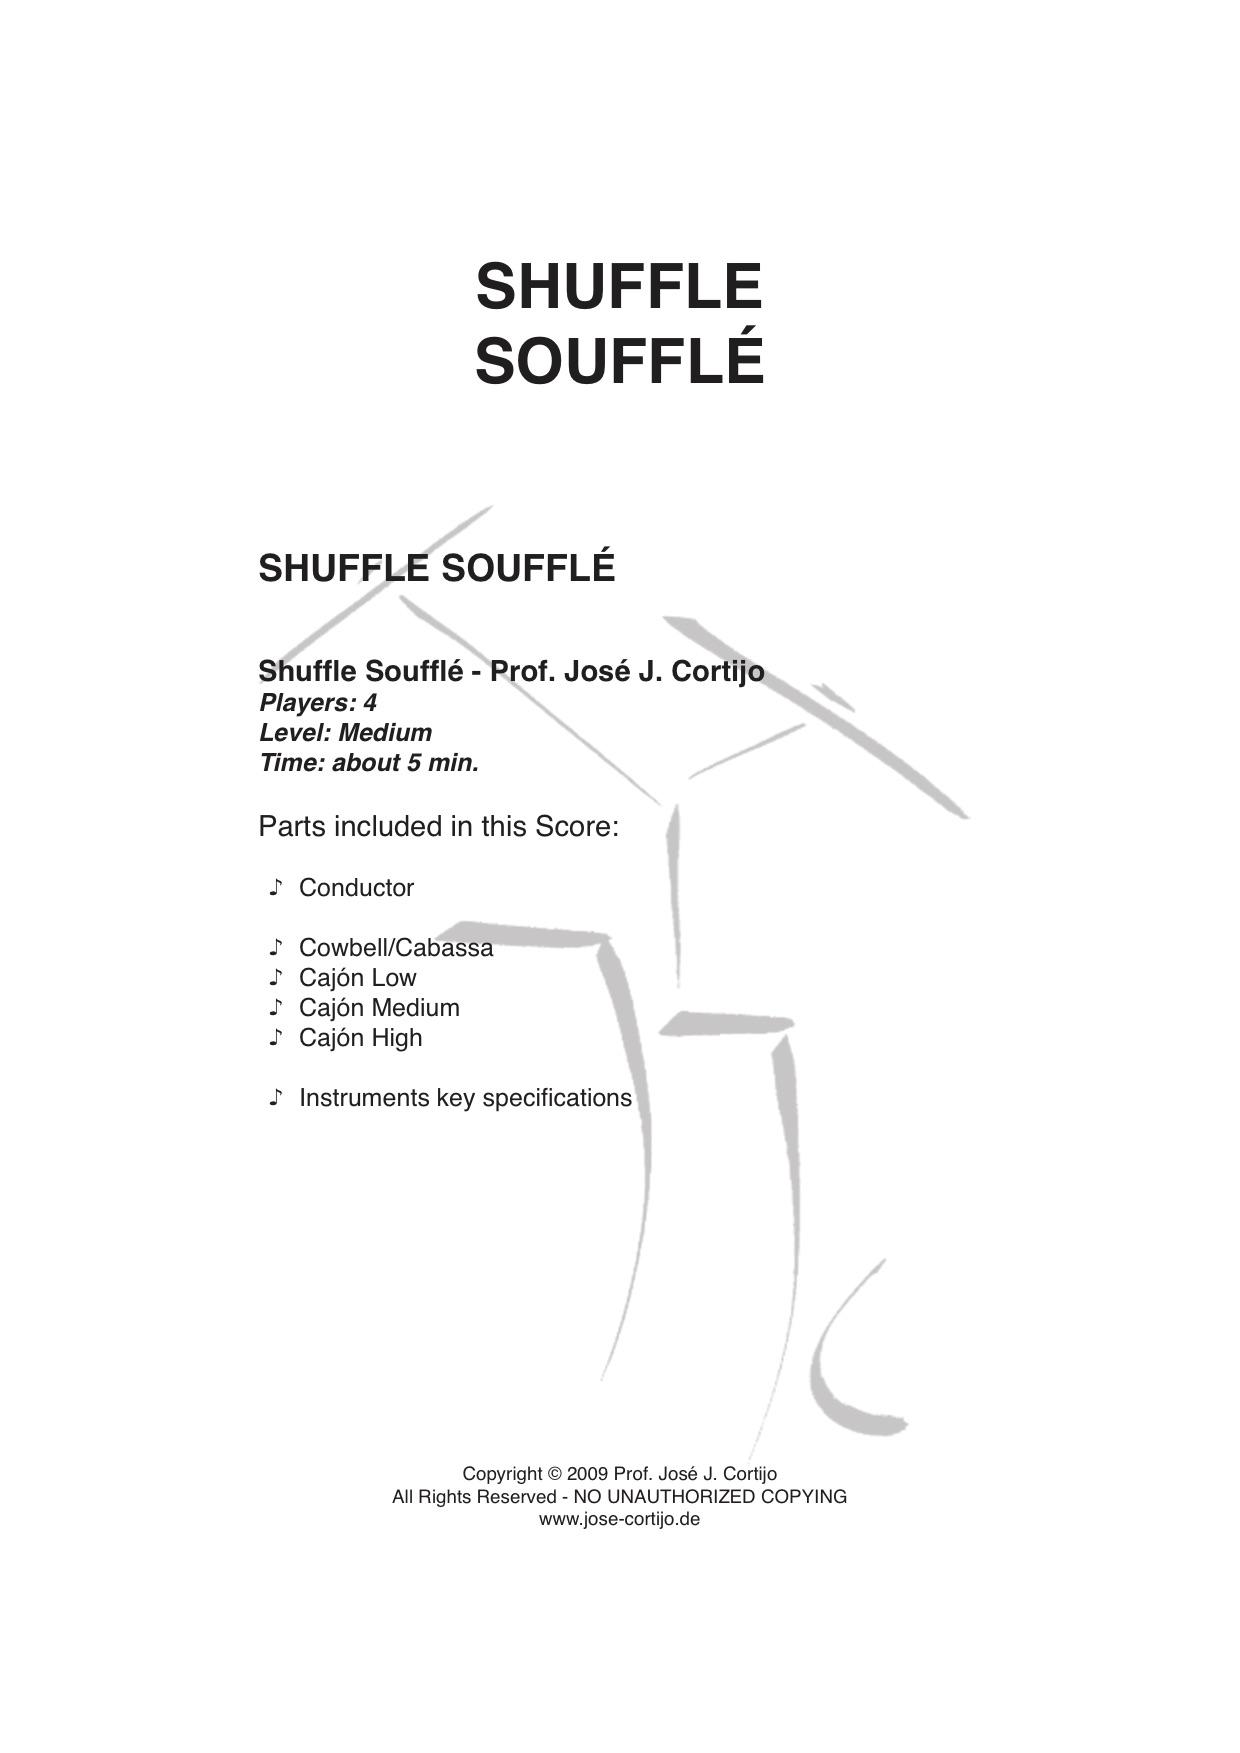 Shuffle Soufflé